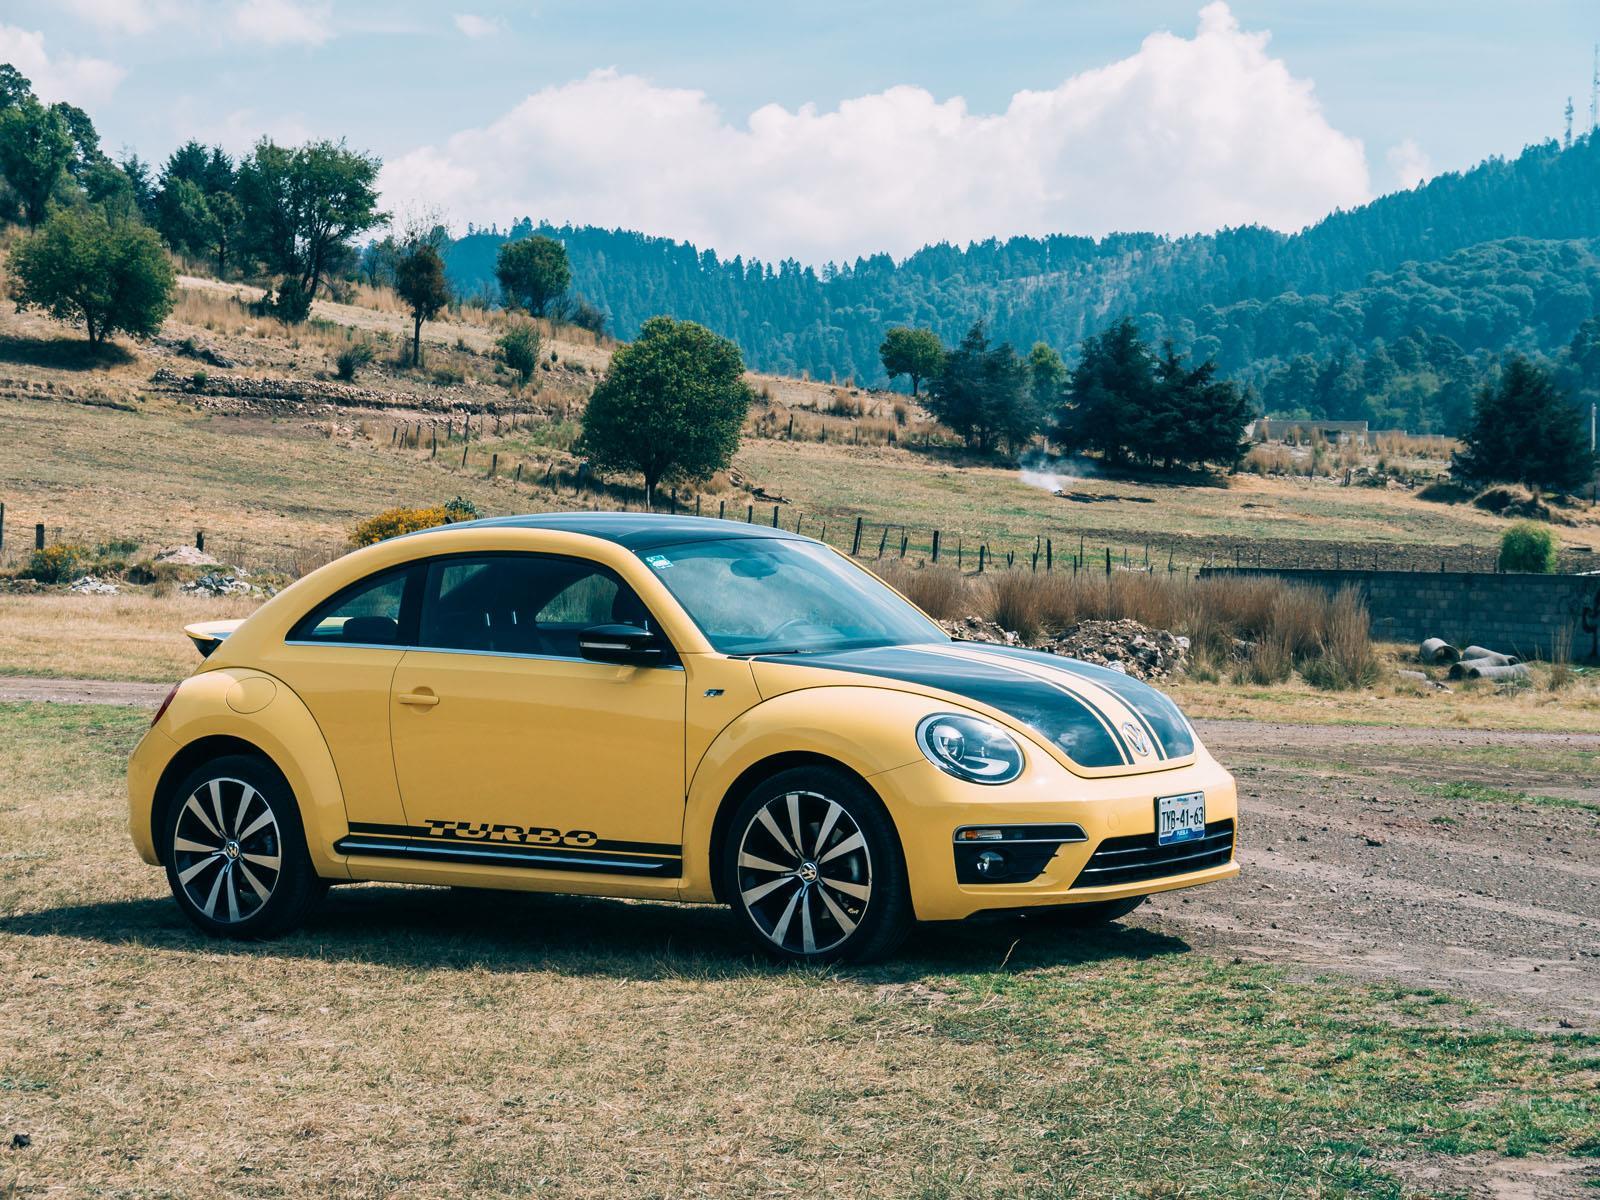 Test de Volkswagen Beetle Turbo GSR 2014 - Autocosmos.com